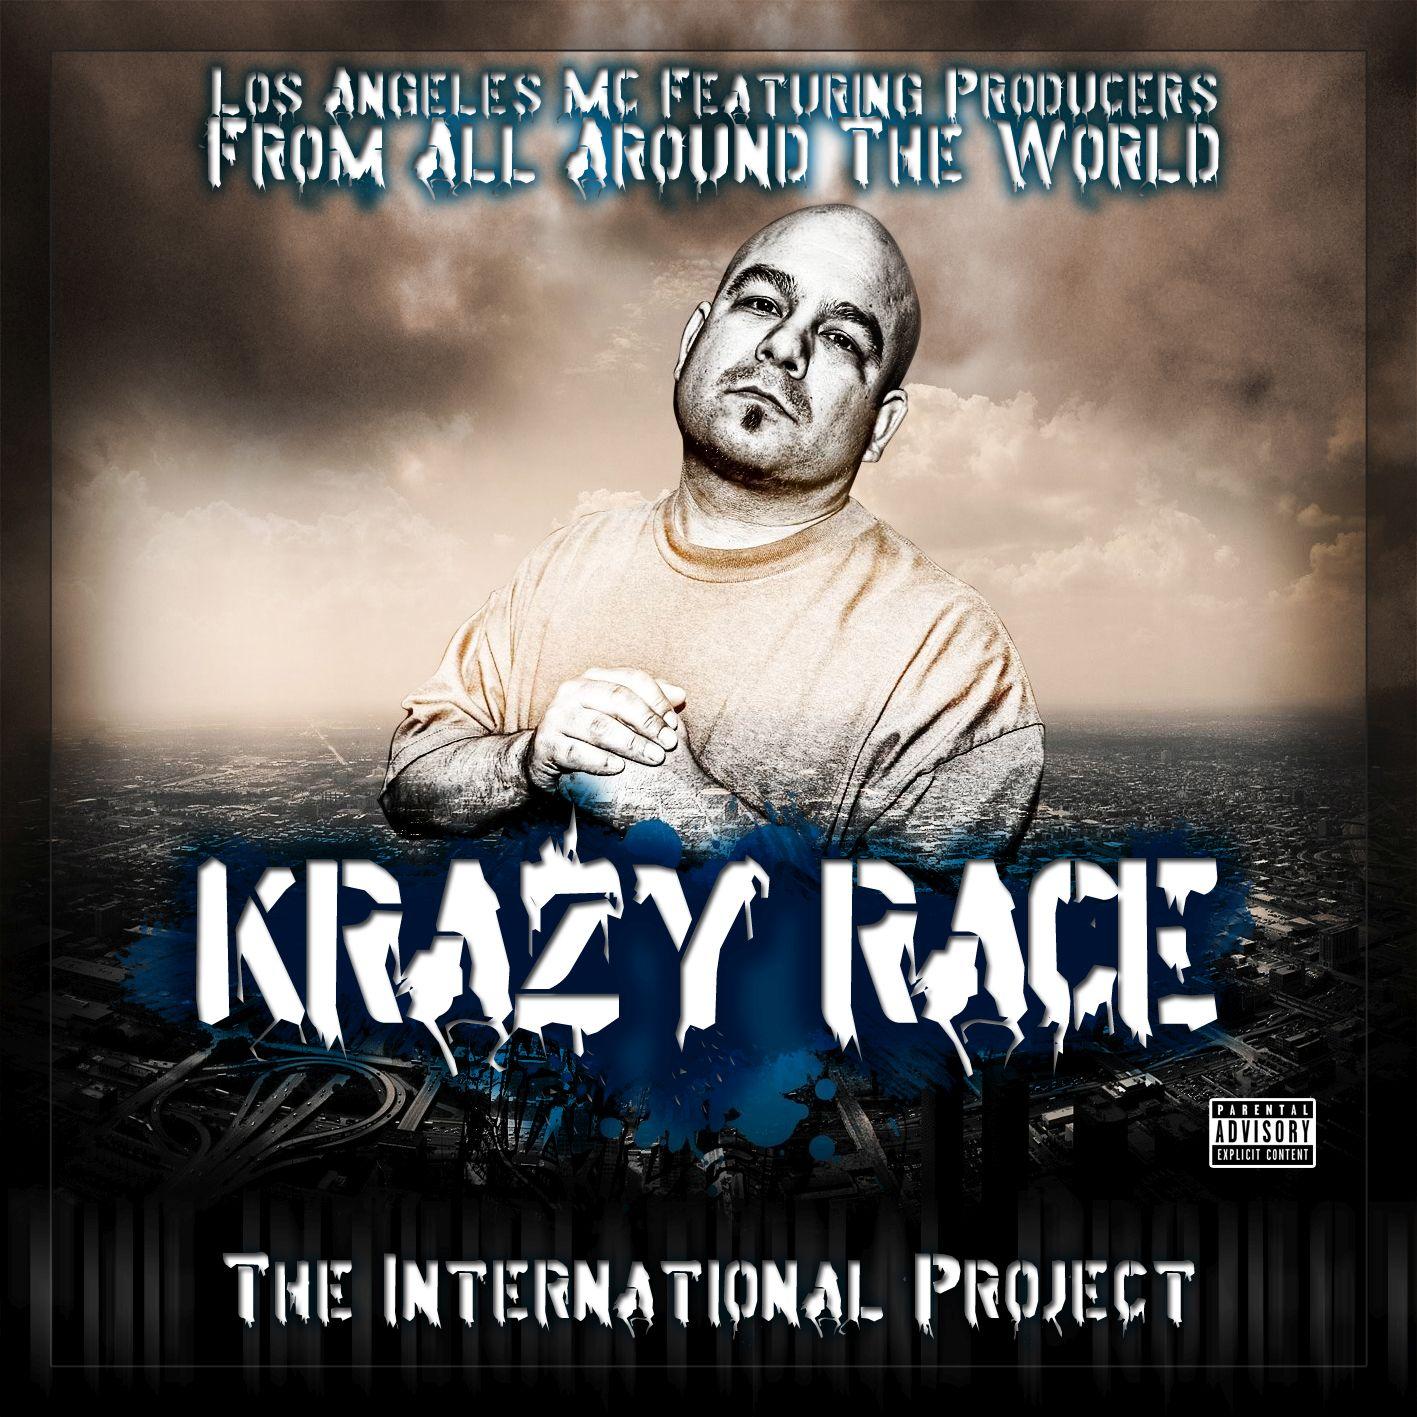 Krazy race Album Cover